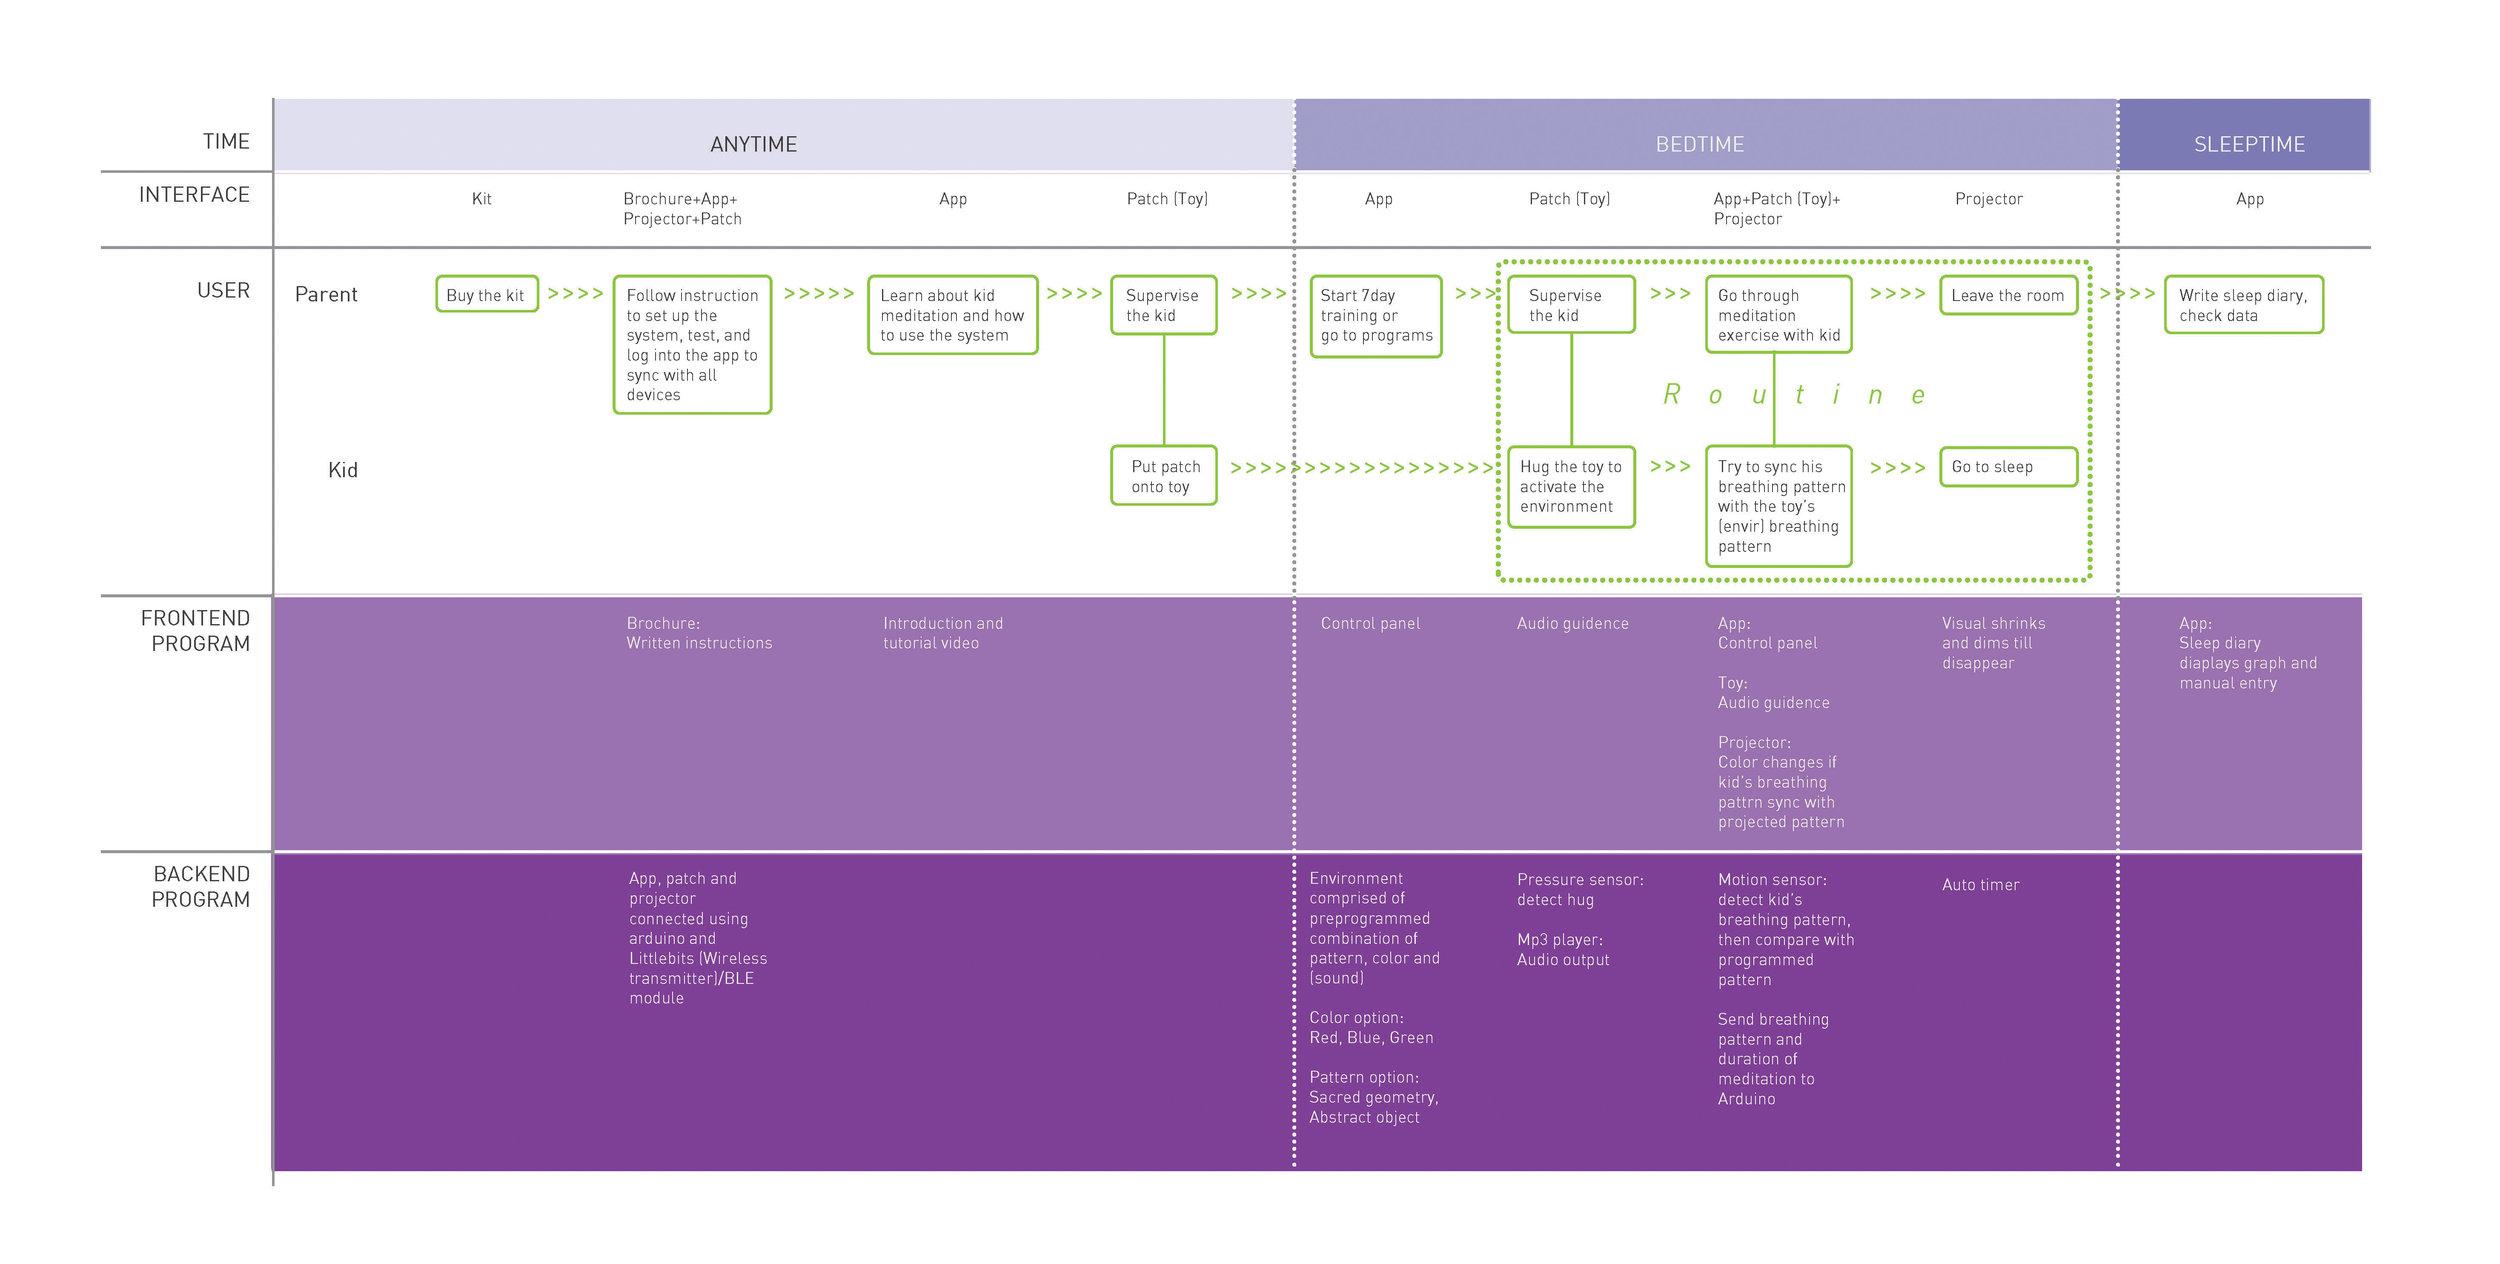 Aurora_Interaction Diagram1.jpg